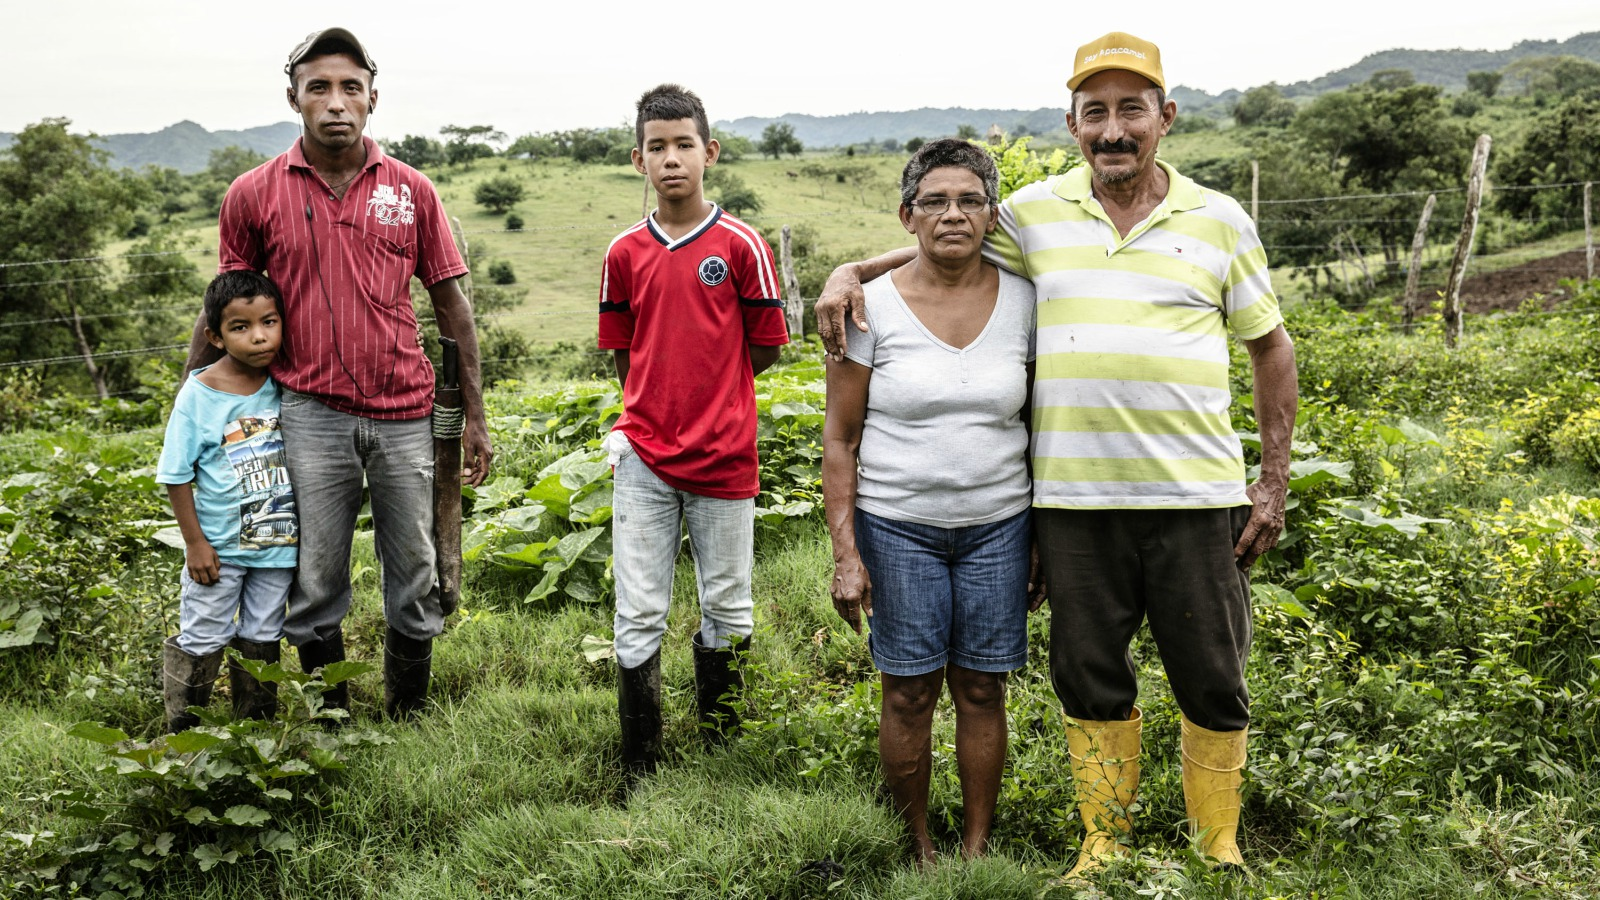 Día del campesino: los colores de la ruralidad